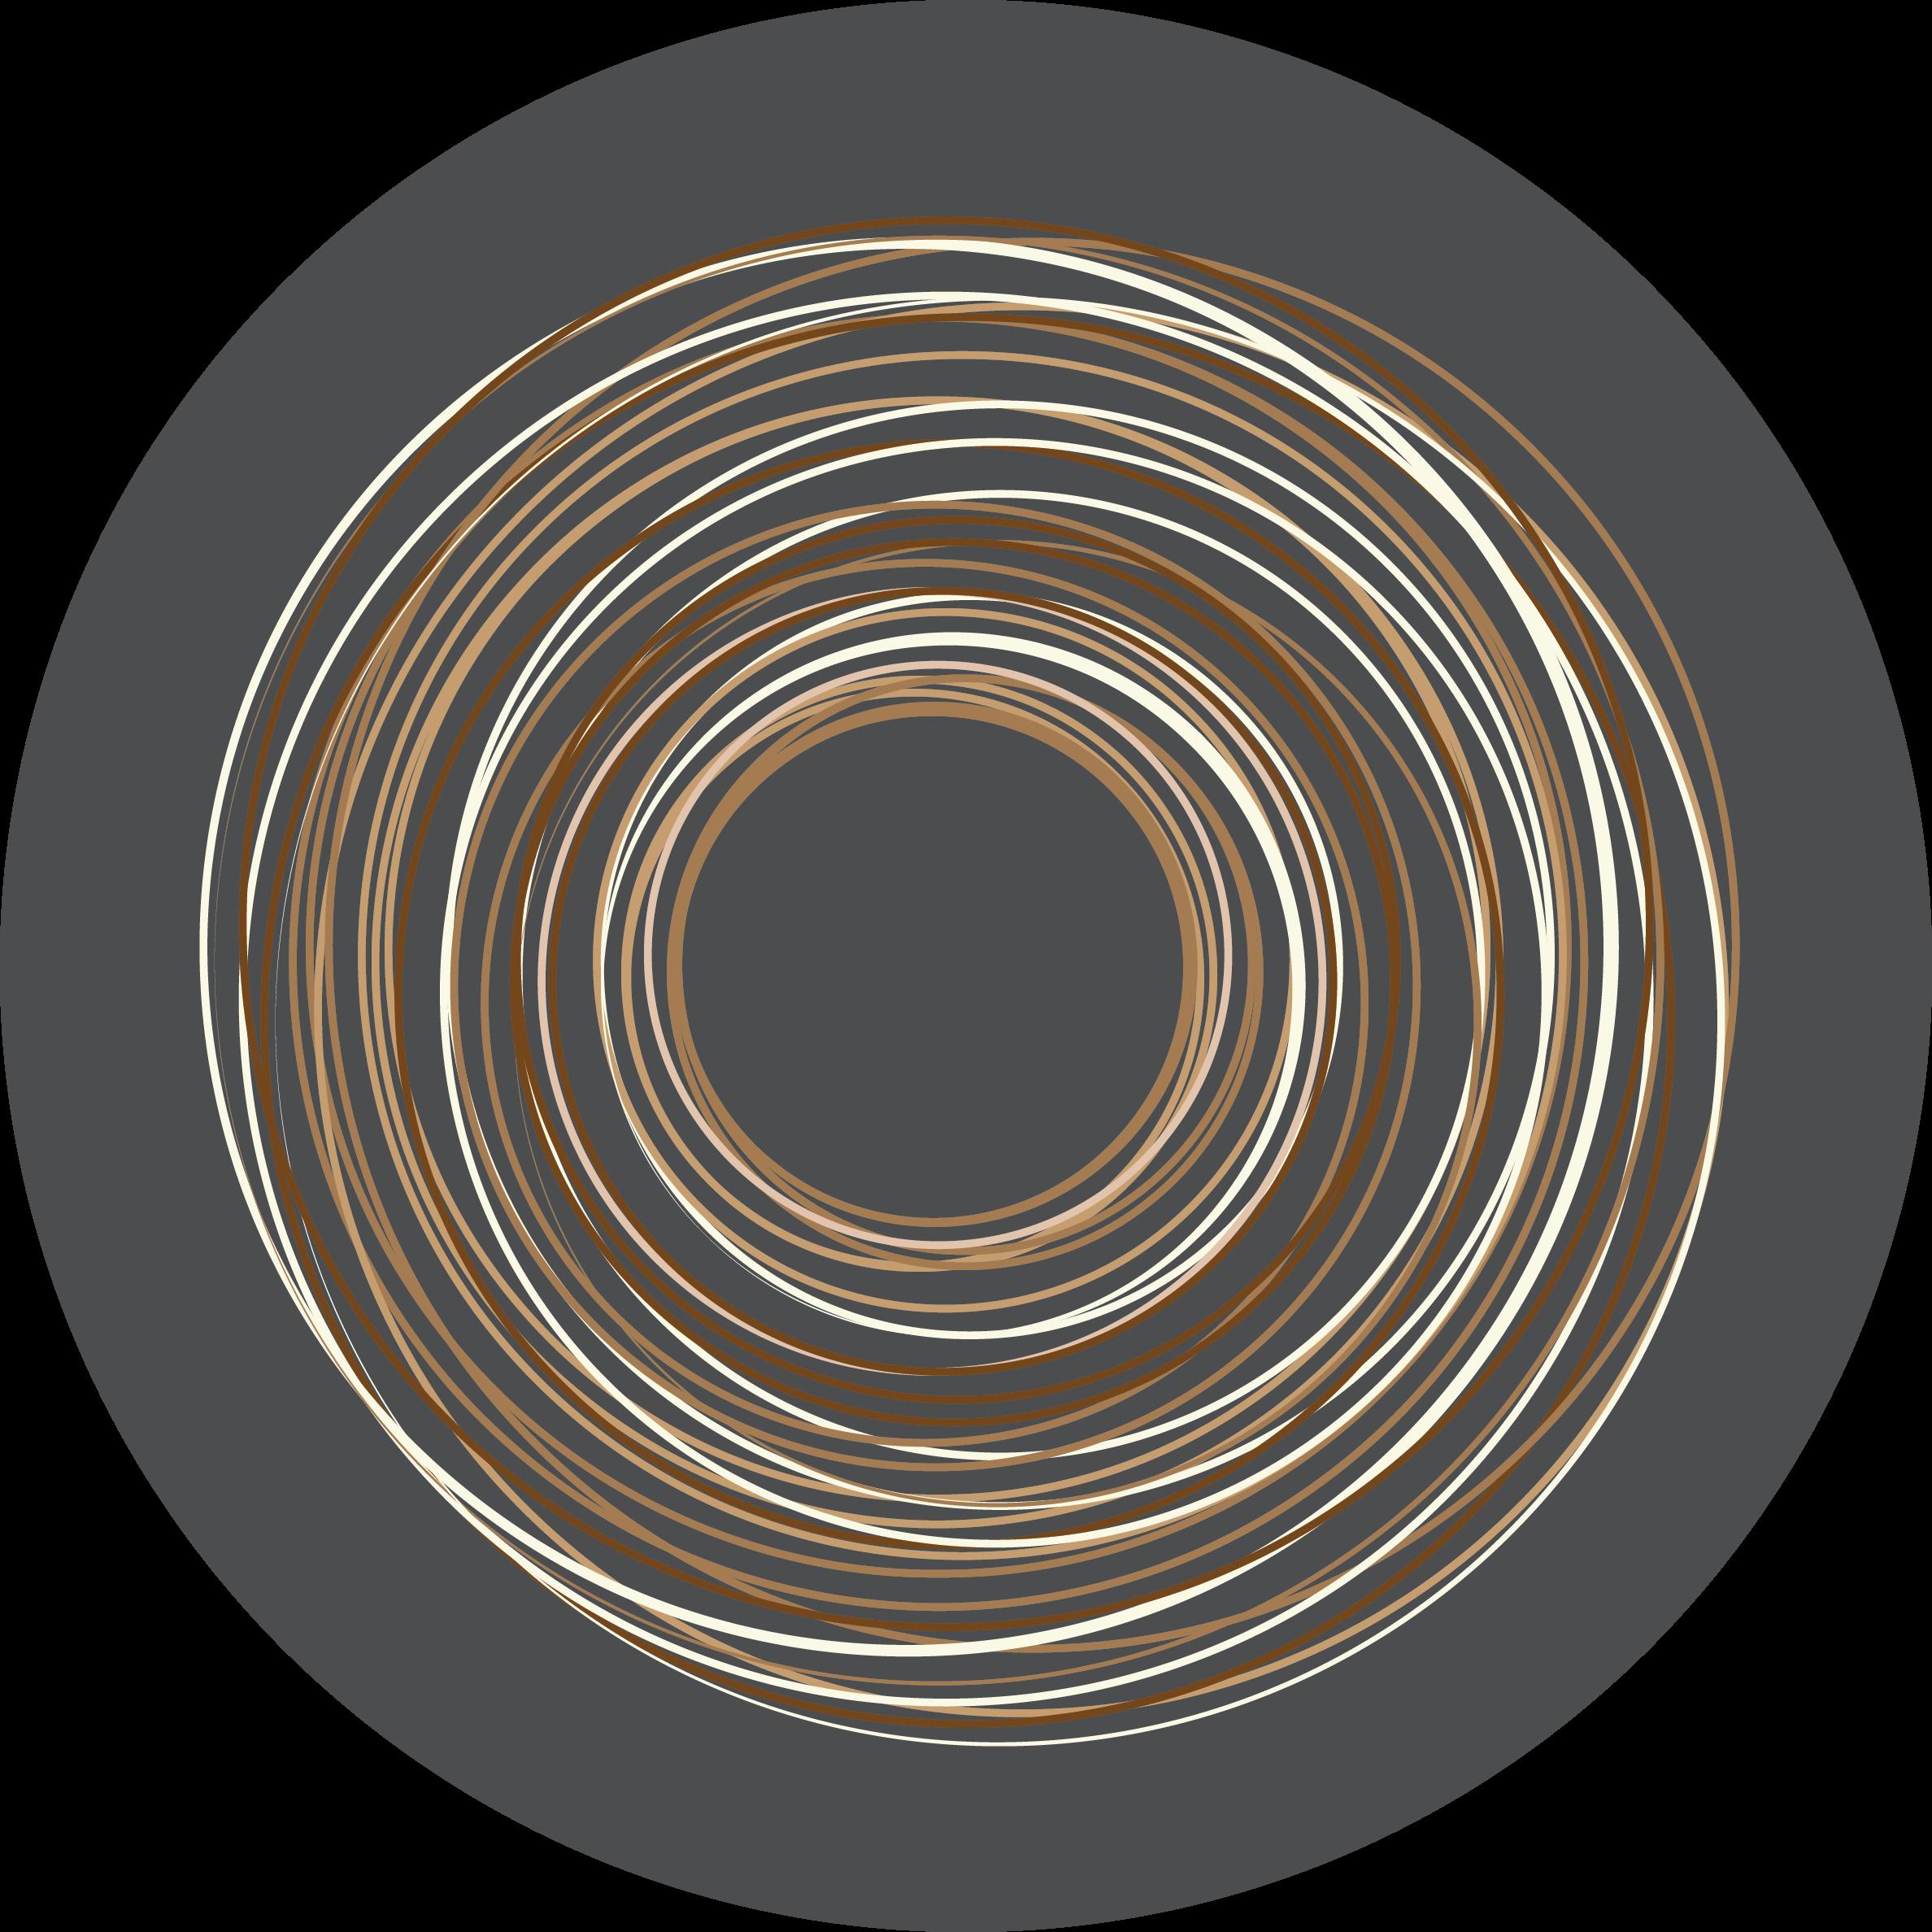 vortex swirl logo - Kait Tews.png